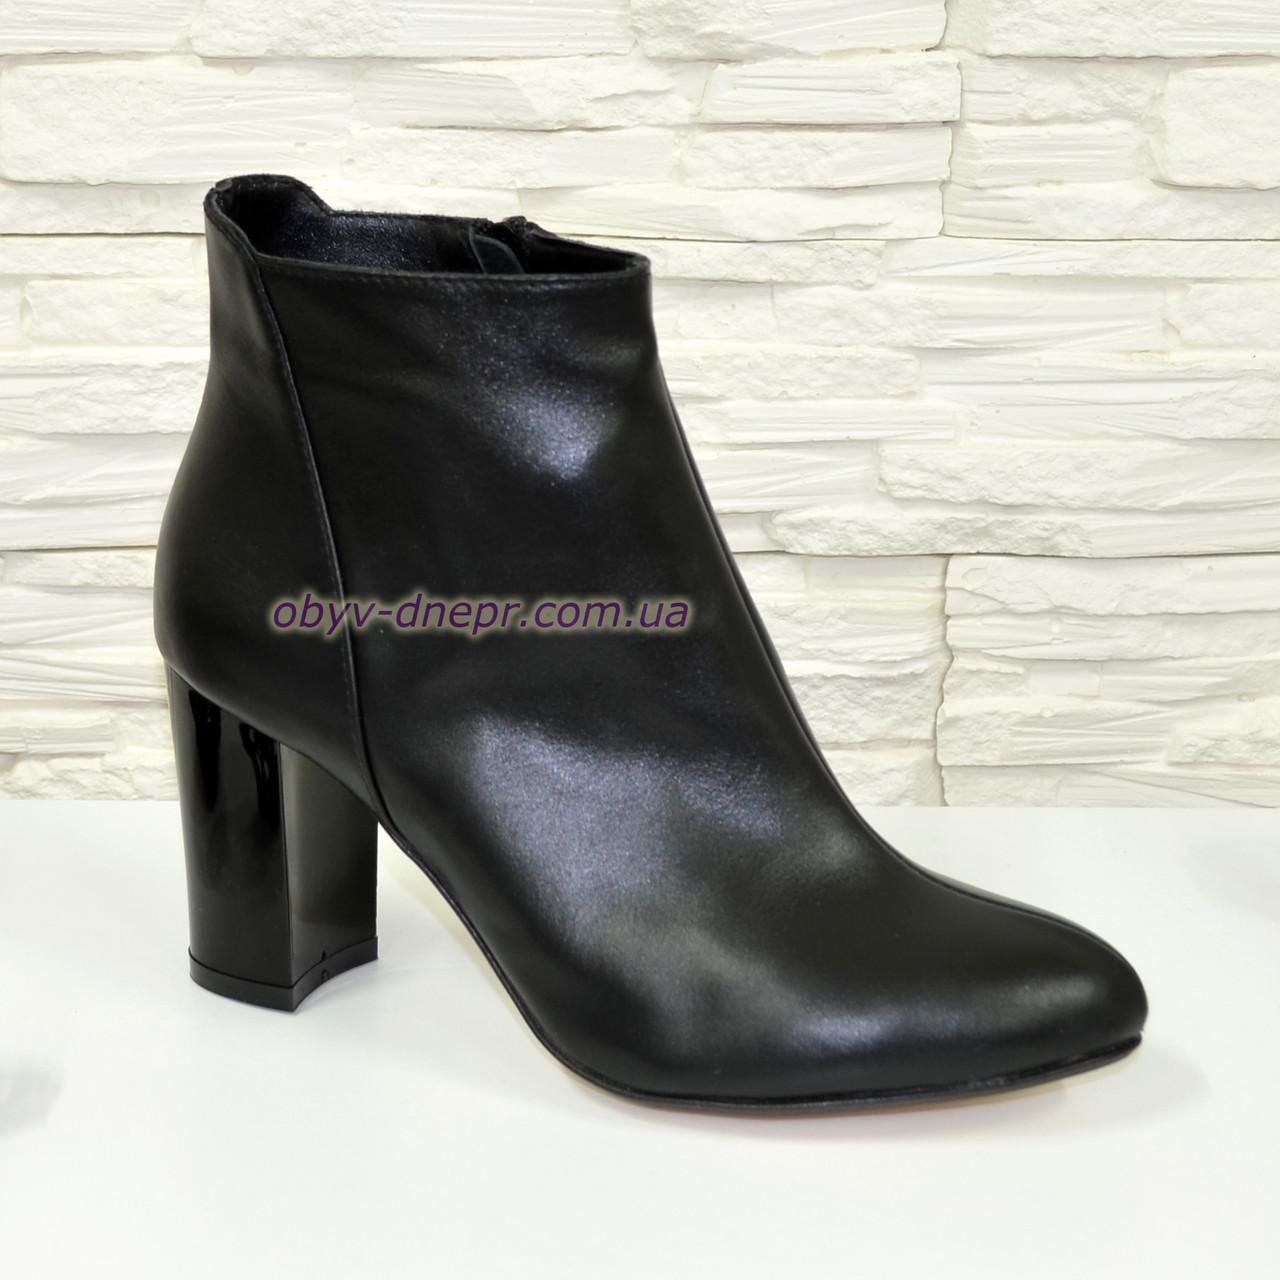 Ботинки женские зимние кожаные на устойчивом каблуке